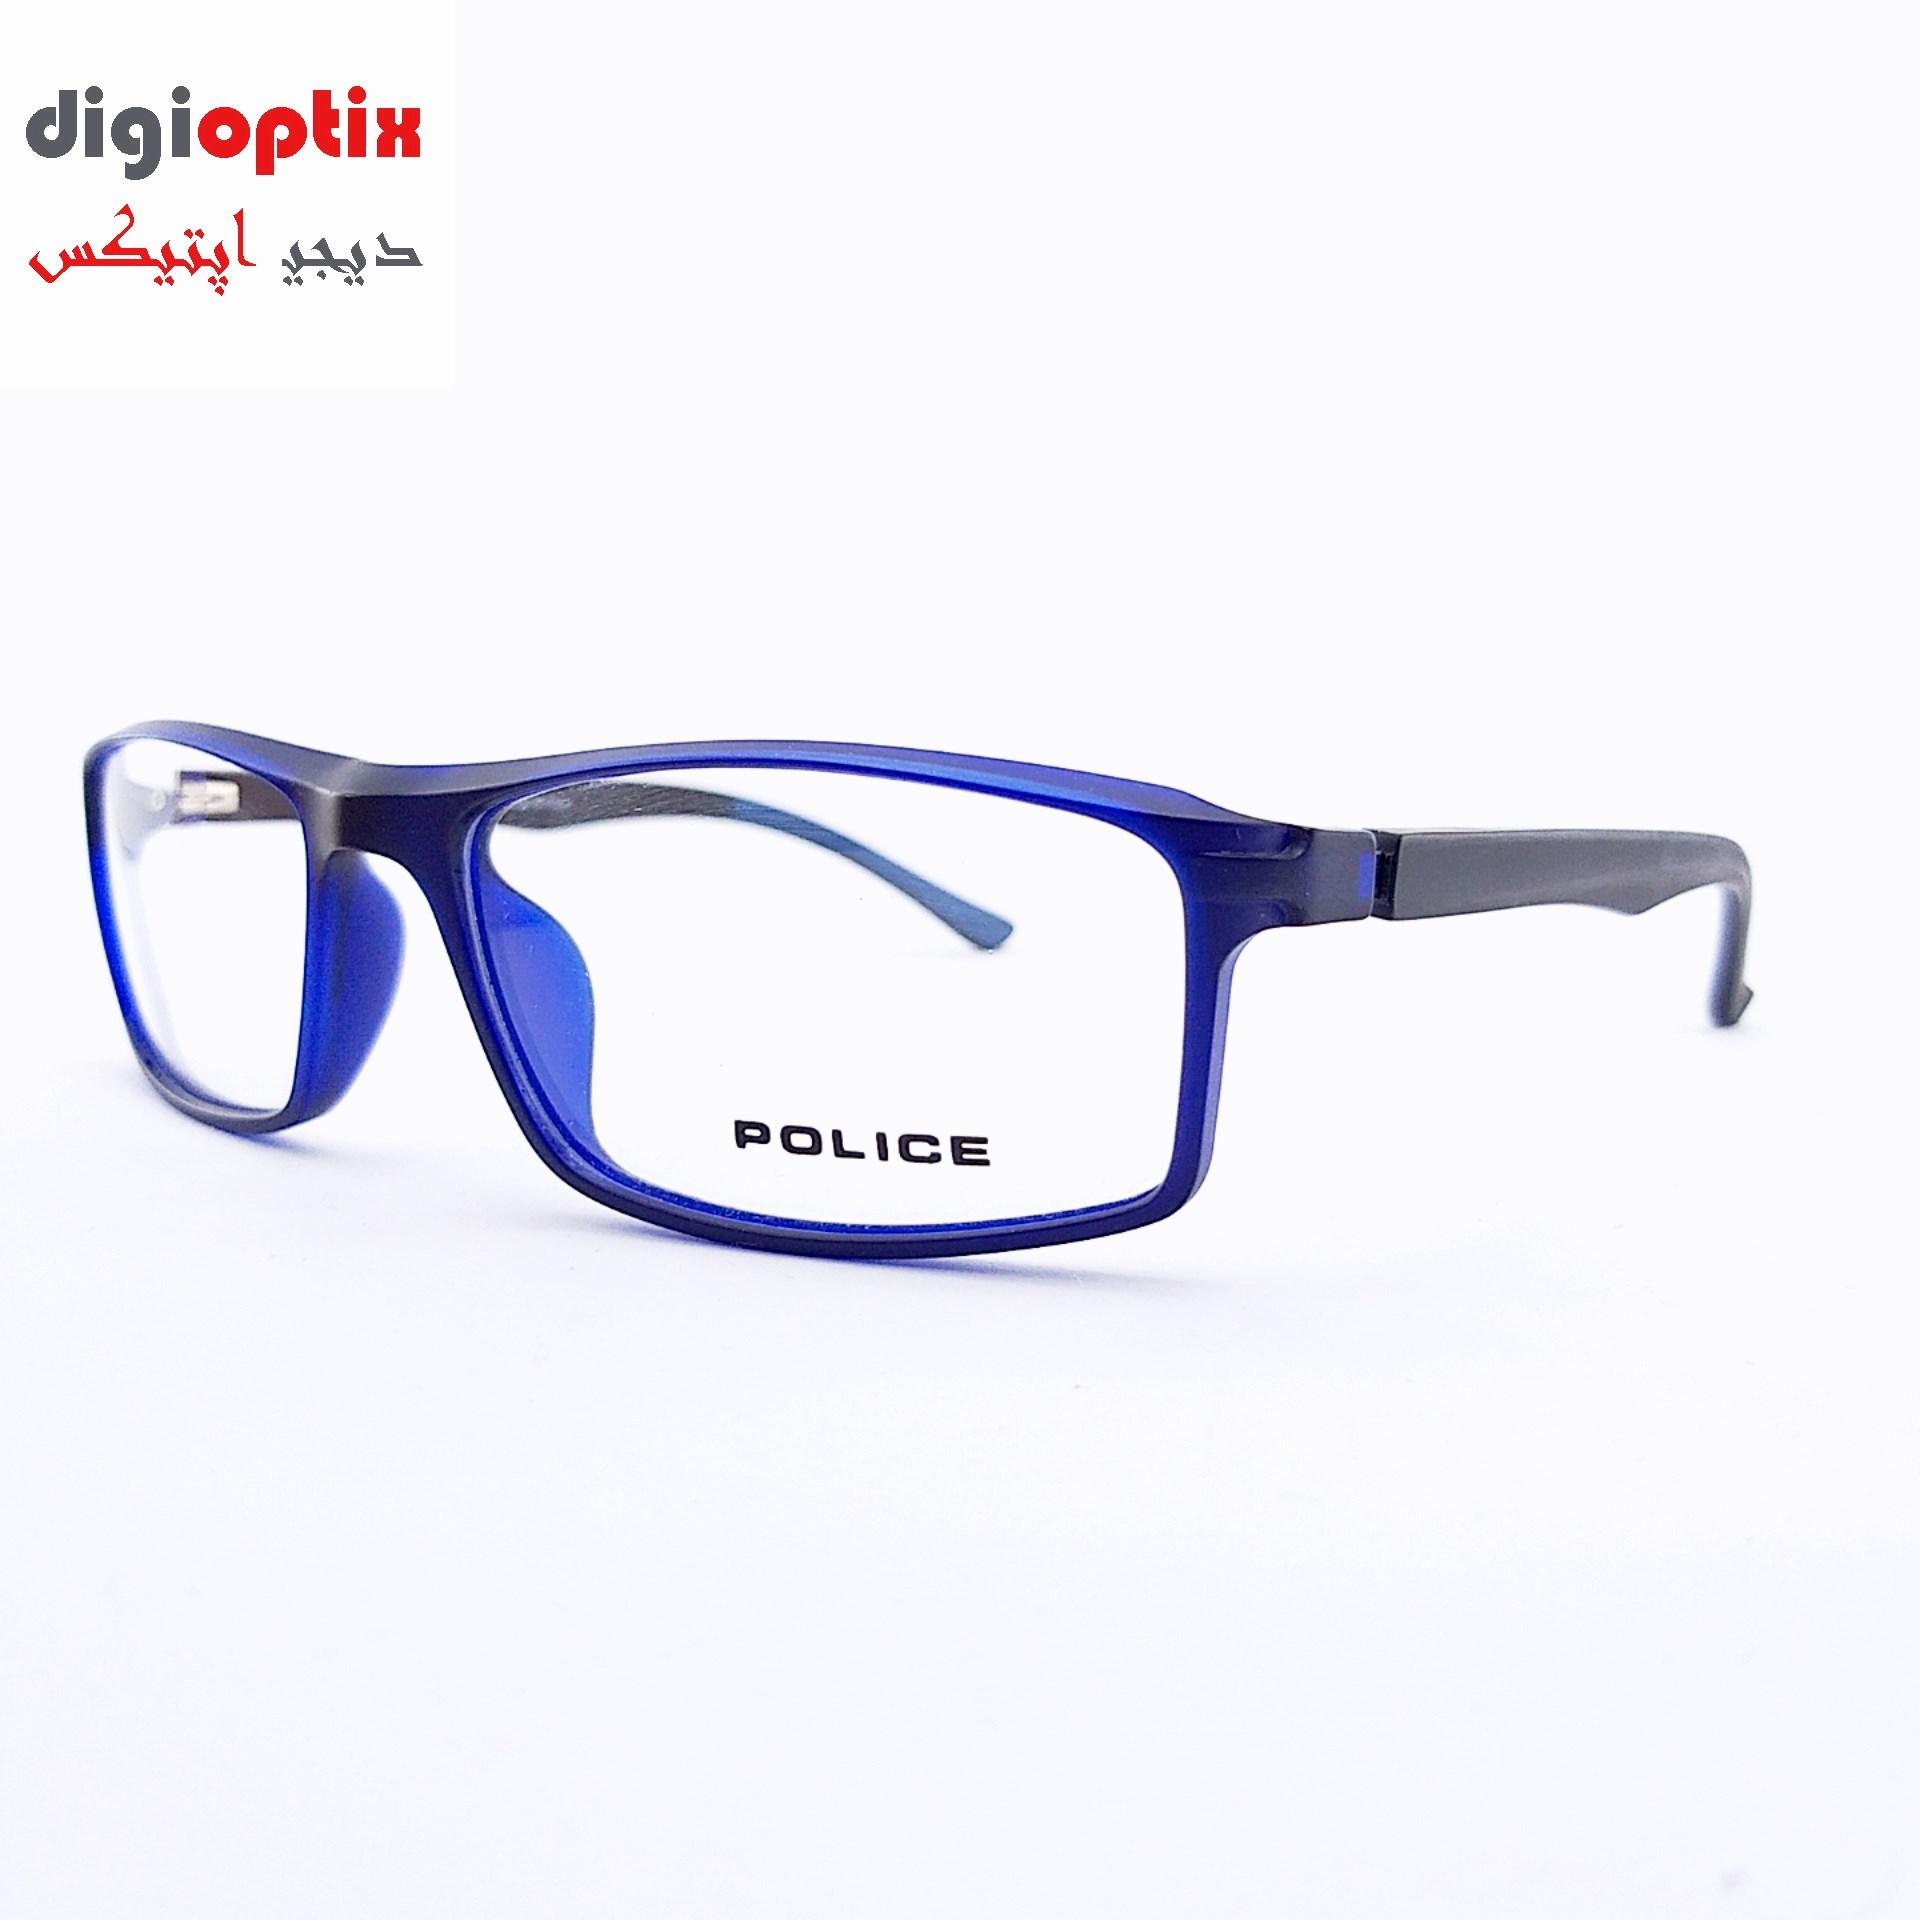 فریم عینک طبی اسپورت مارک POLICE رنگ مشکی آبی مدل H86